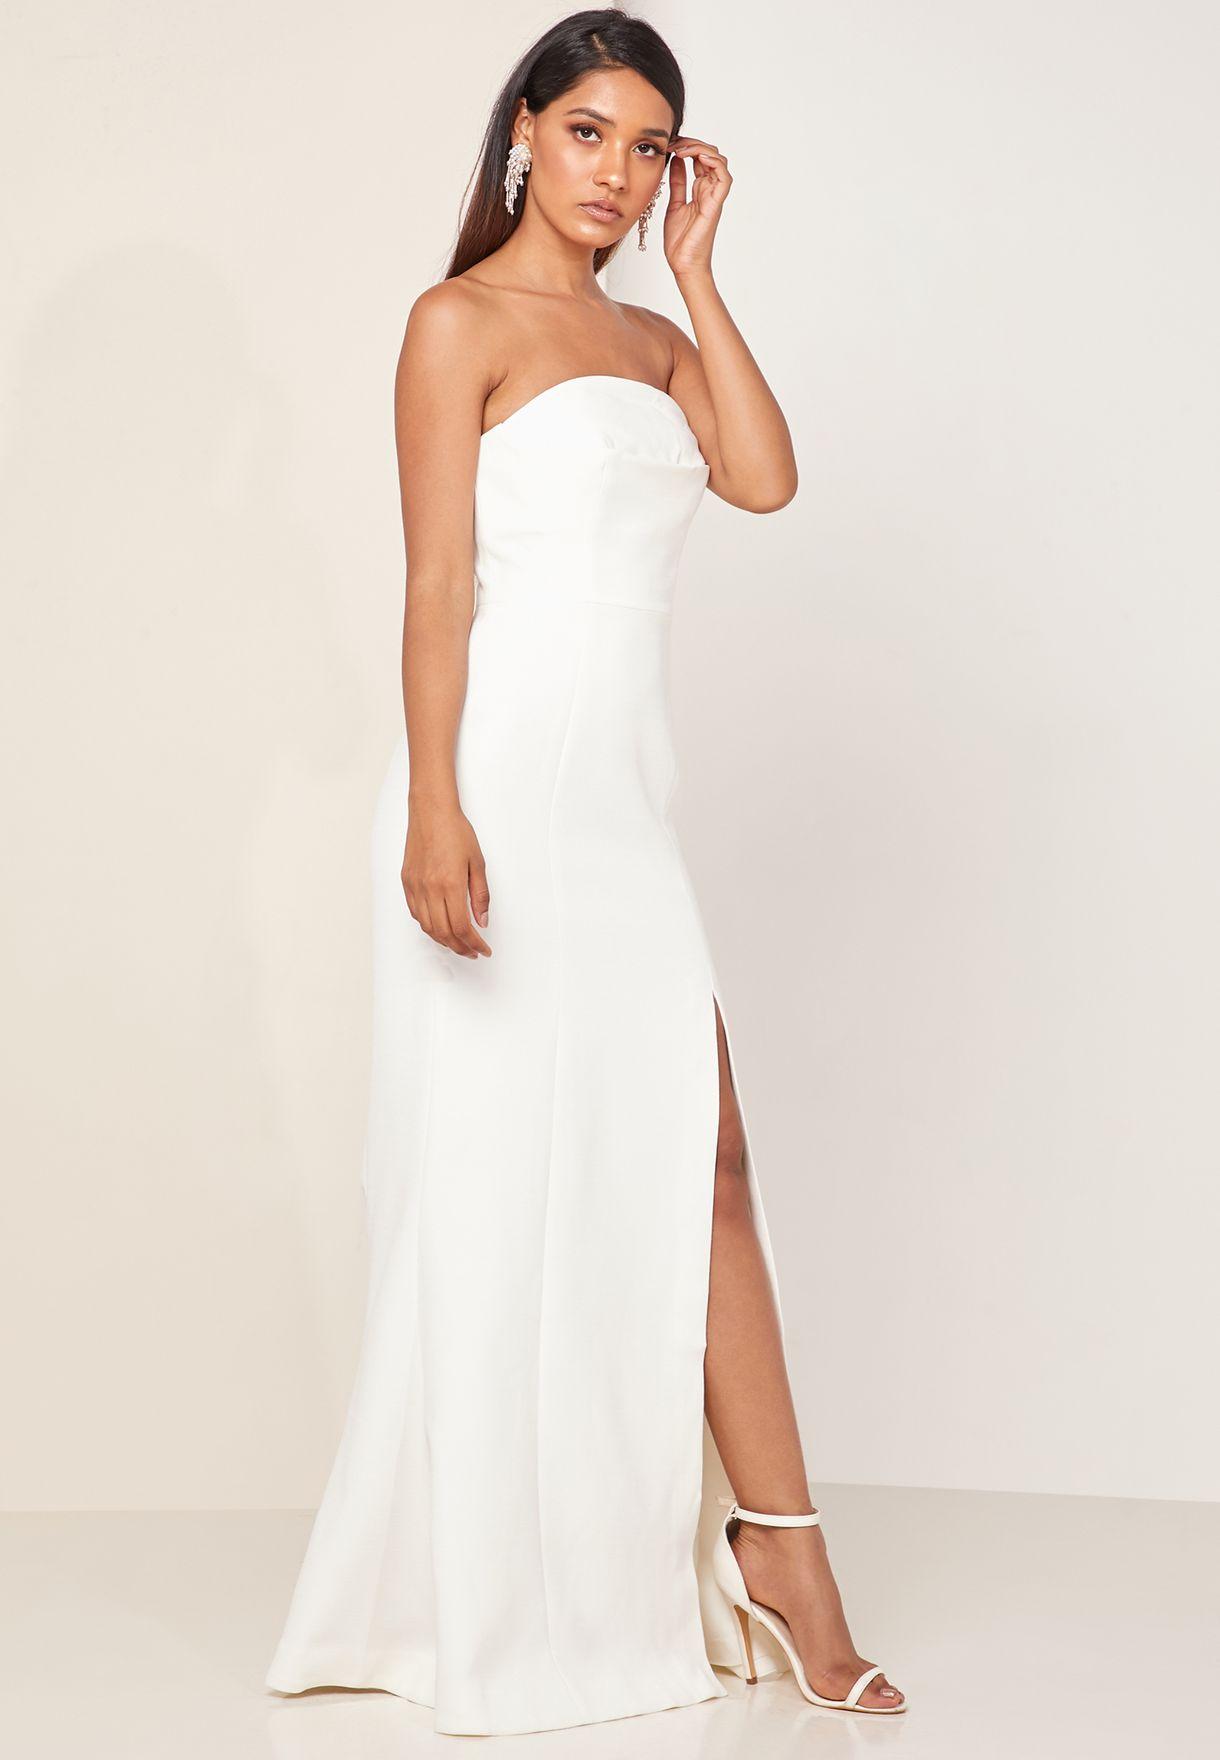 Next Step Strapless Maxi Dress